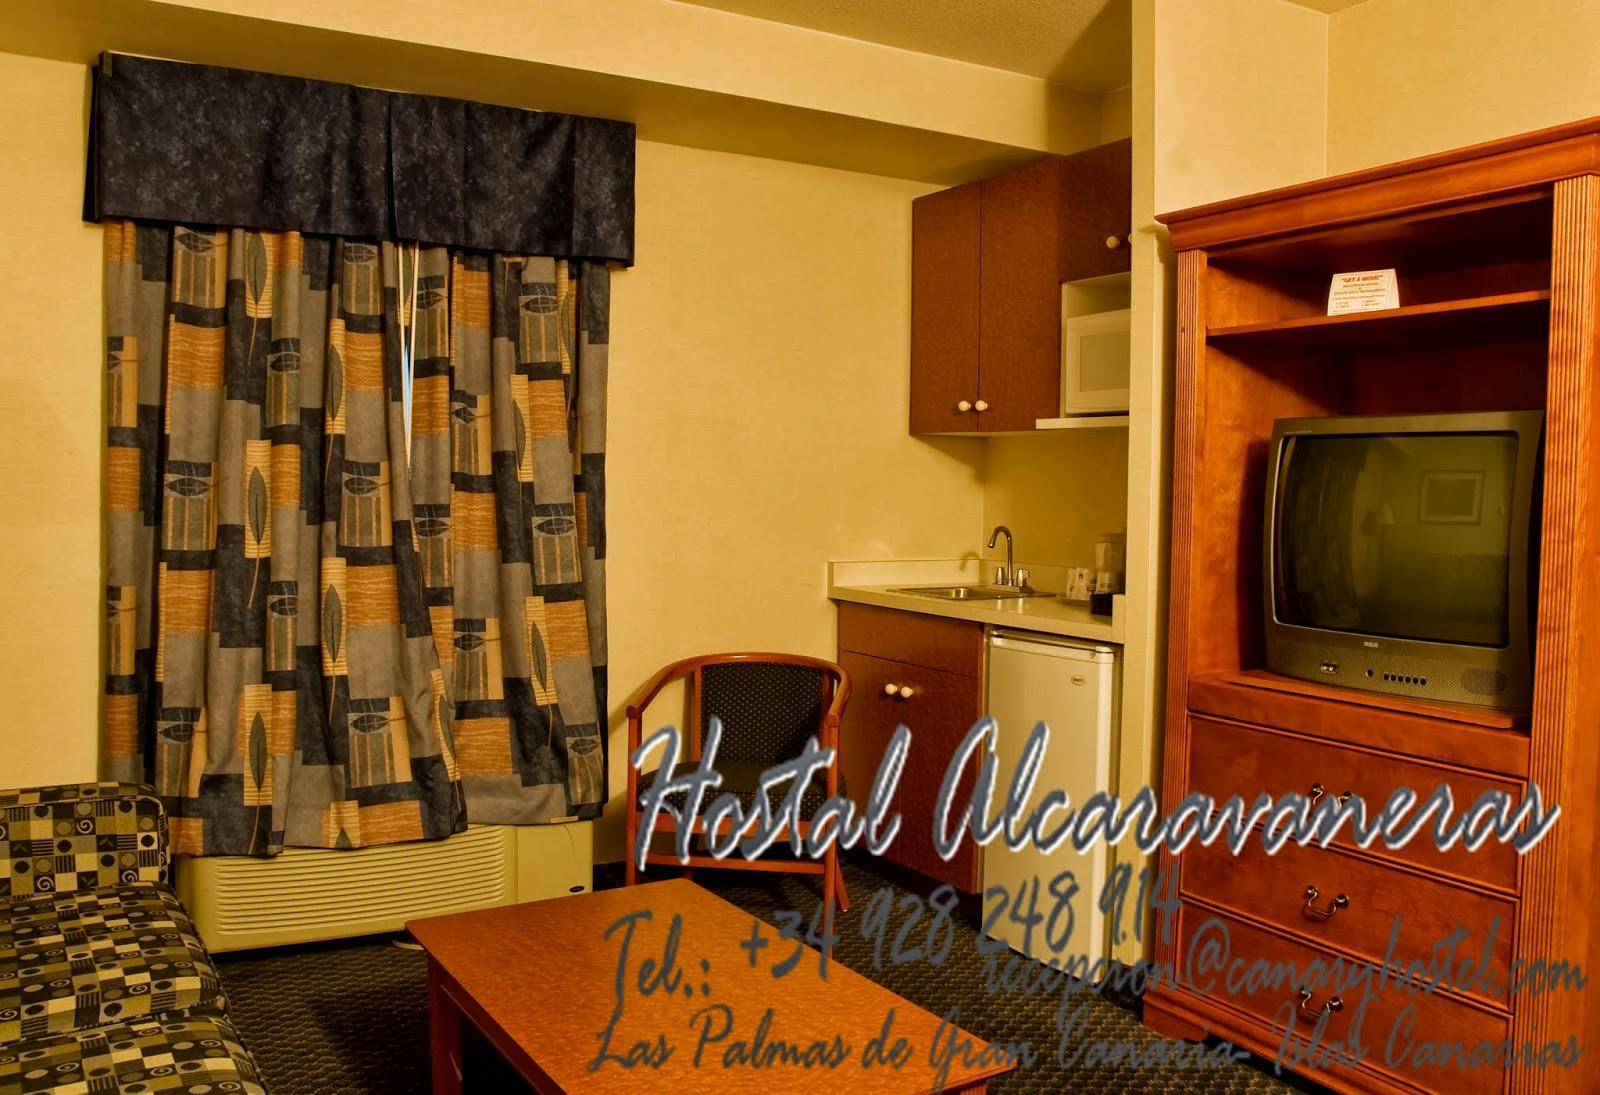 Hostal hoteles pensiones alojamientos baratos economicos las palmas gran canaria - Apartamentos en las palmas de gran canaria baratos ...